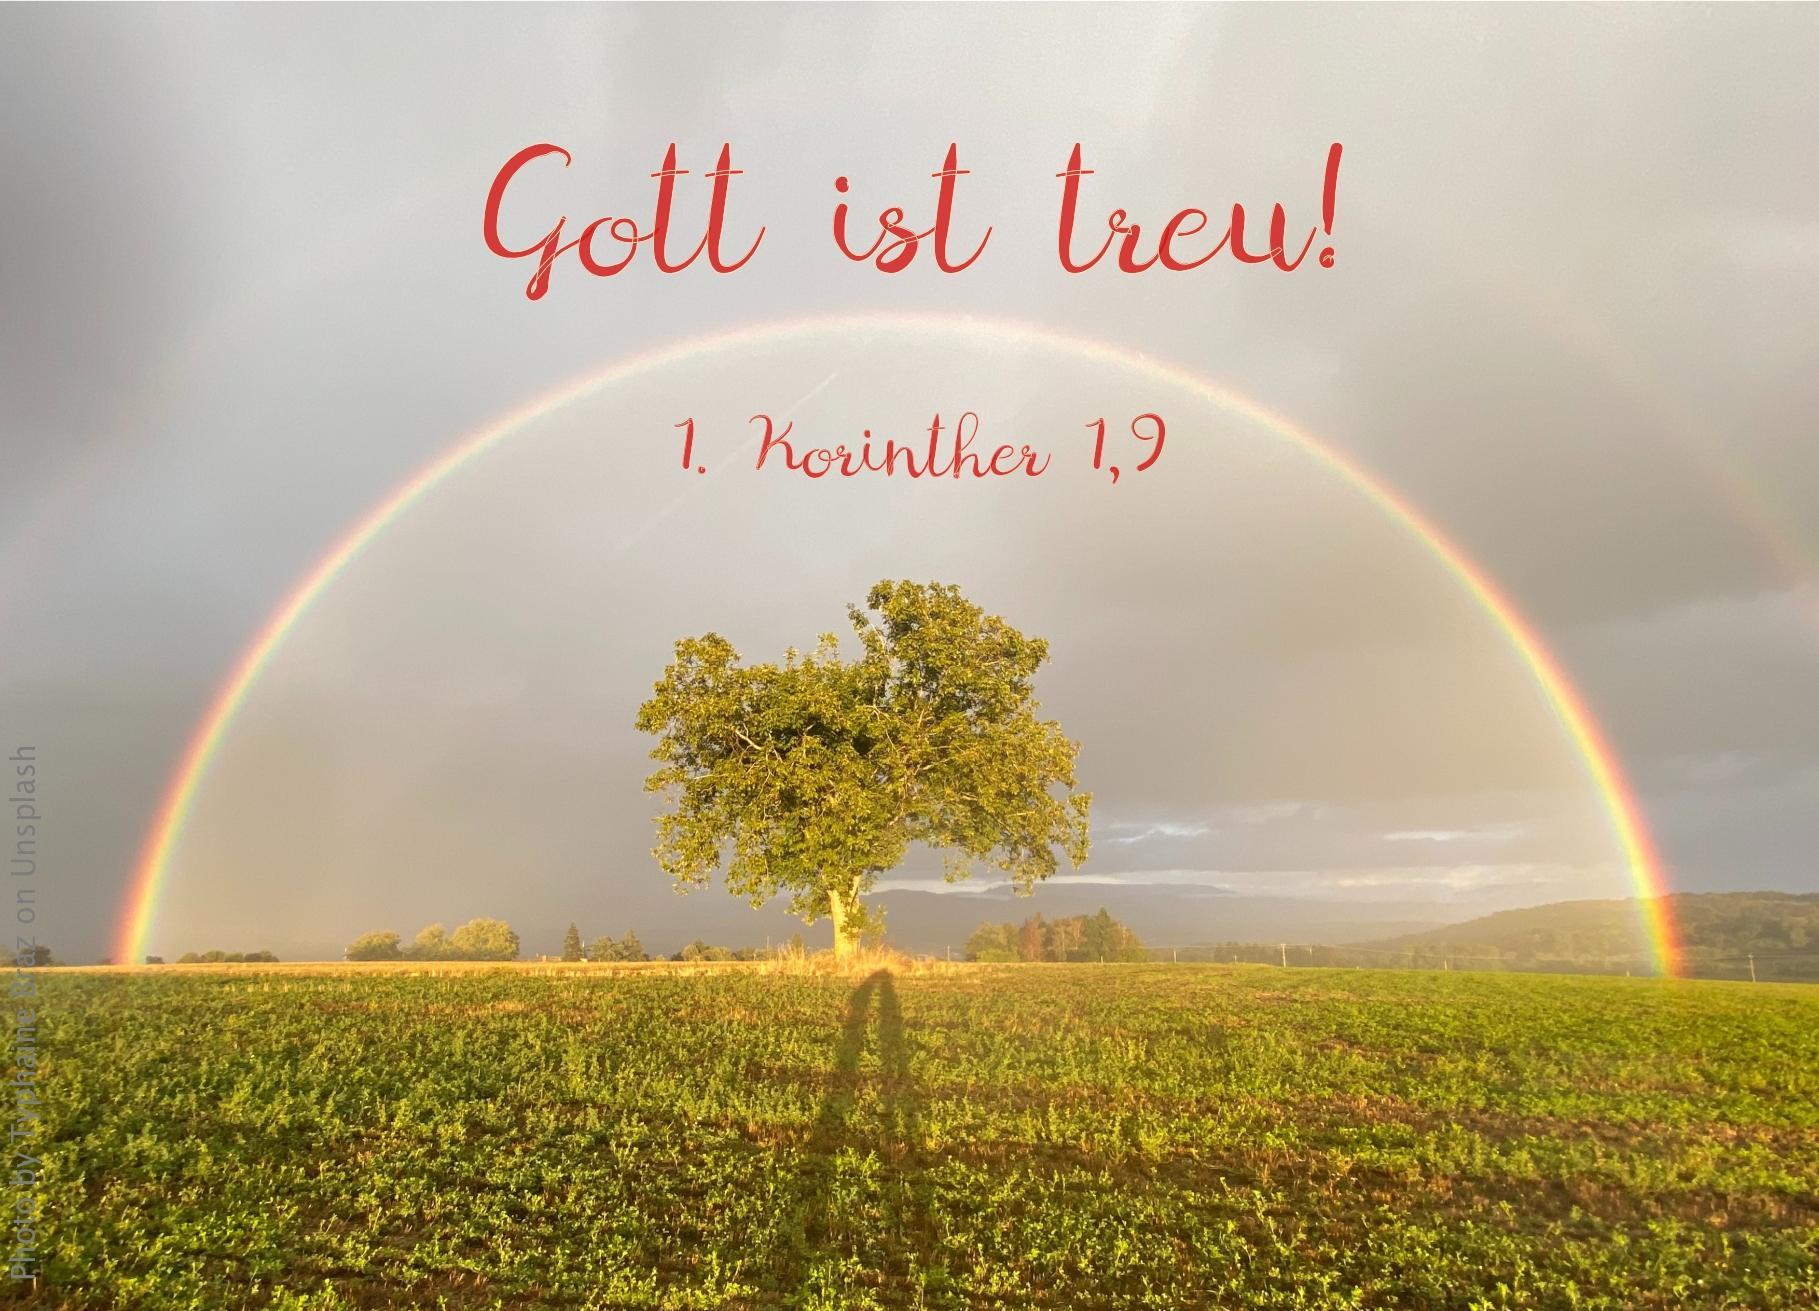 """alt=""""Regenbogen_ueber_Baum_auf_Feld_erwartet_bibelhoerbuch_Spaltungen"""""""